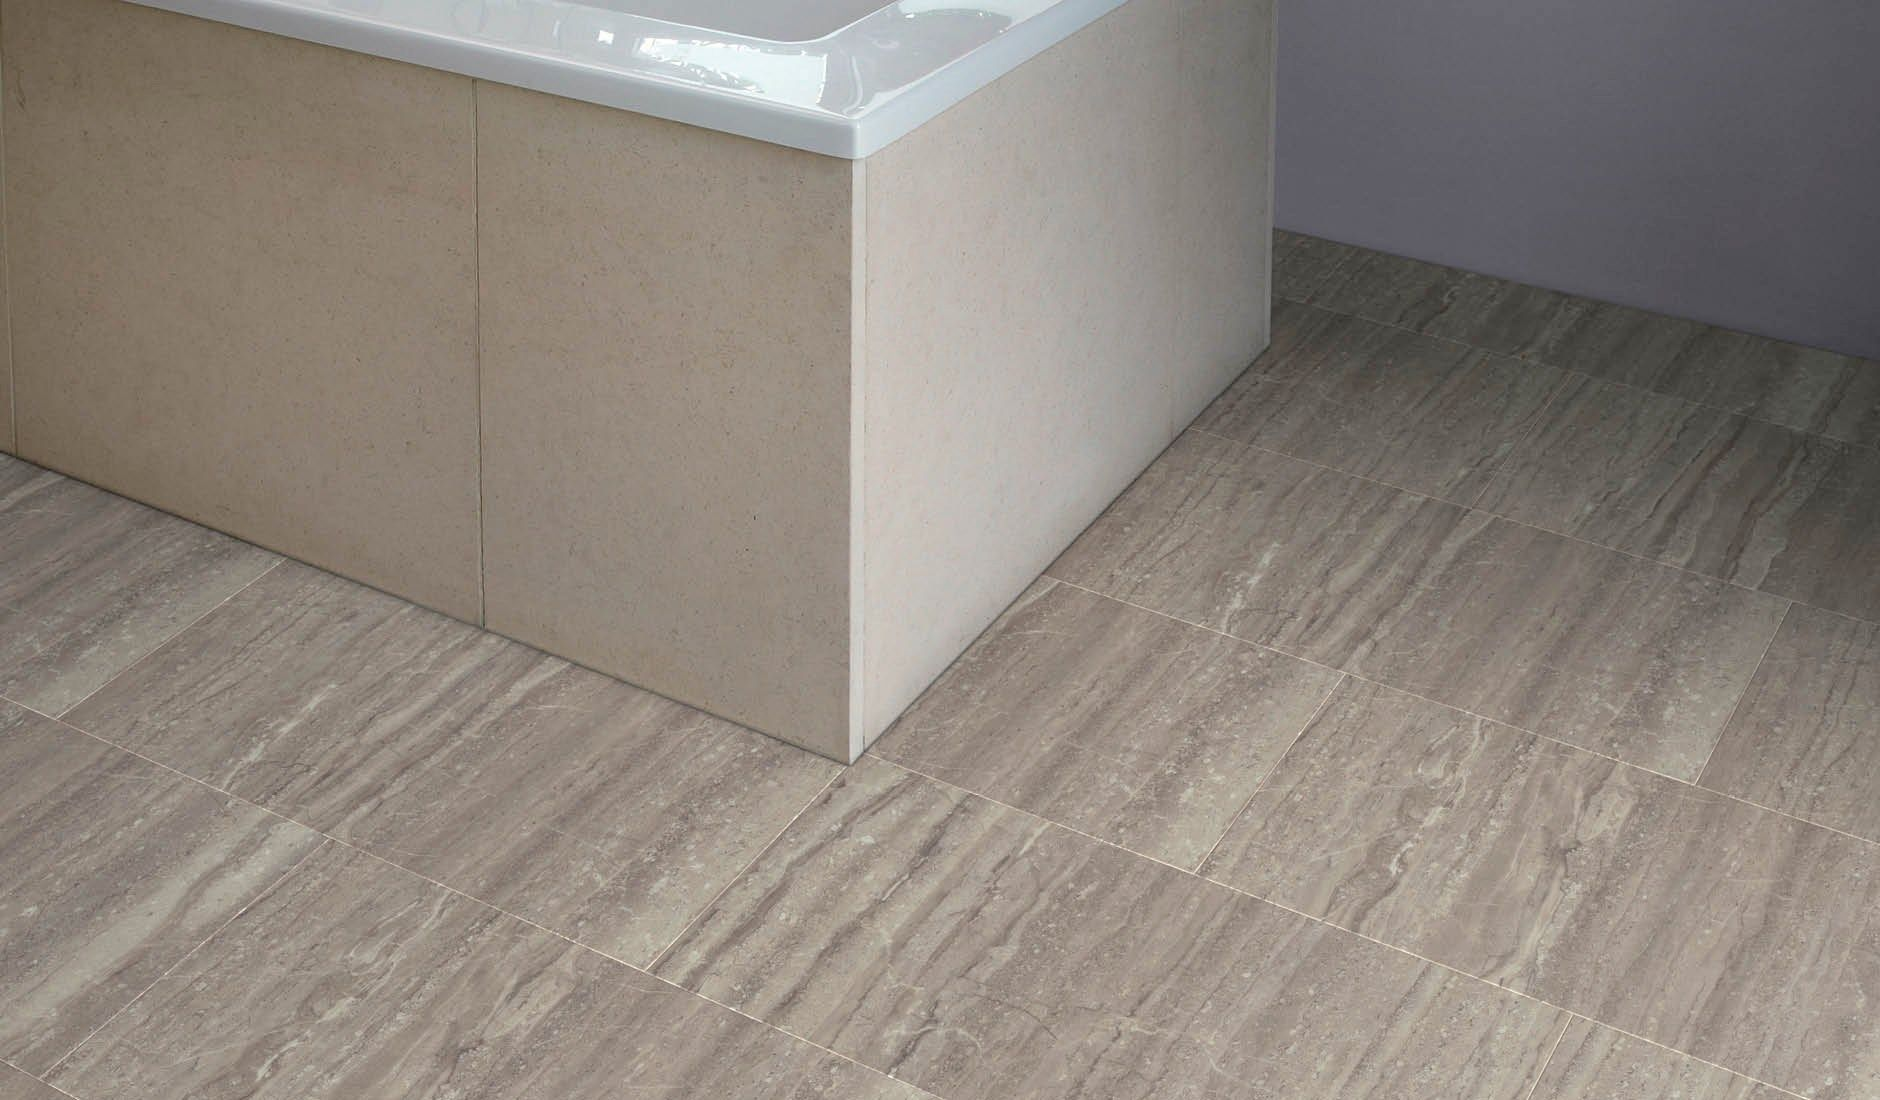 Bambus Fußboden Im Bad ~ Schönes badezimmer fliesen designs zu schmücken den unteren